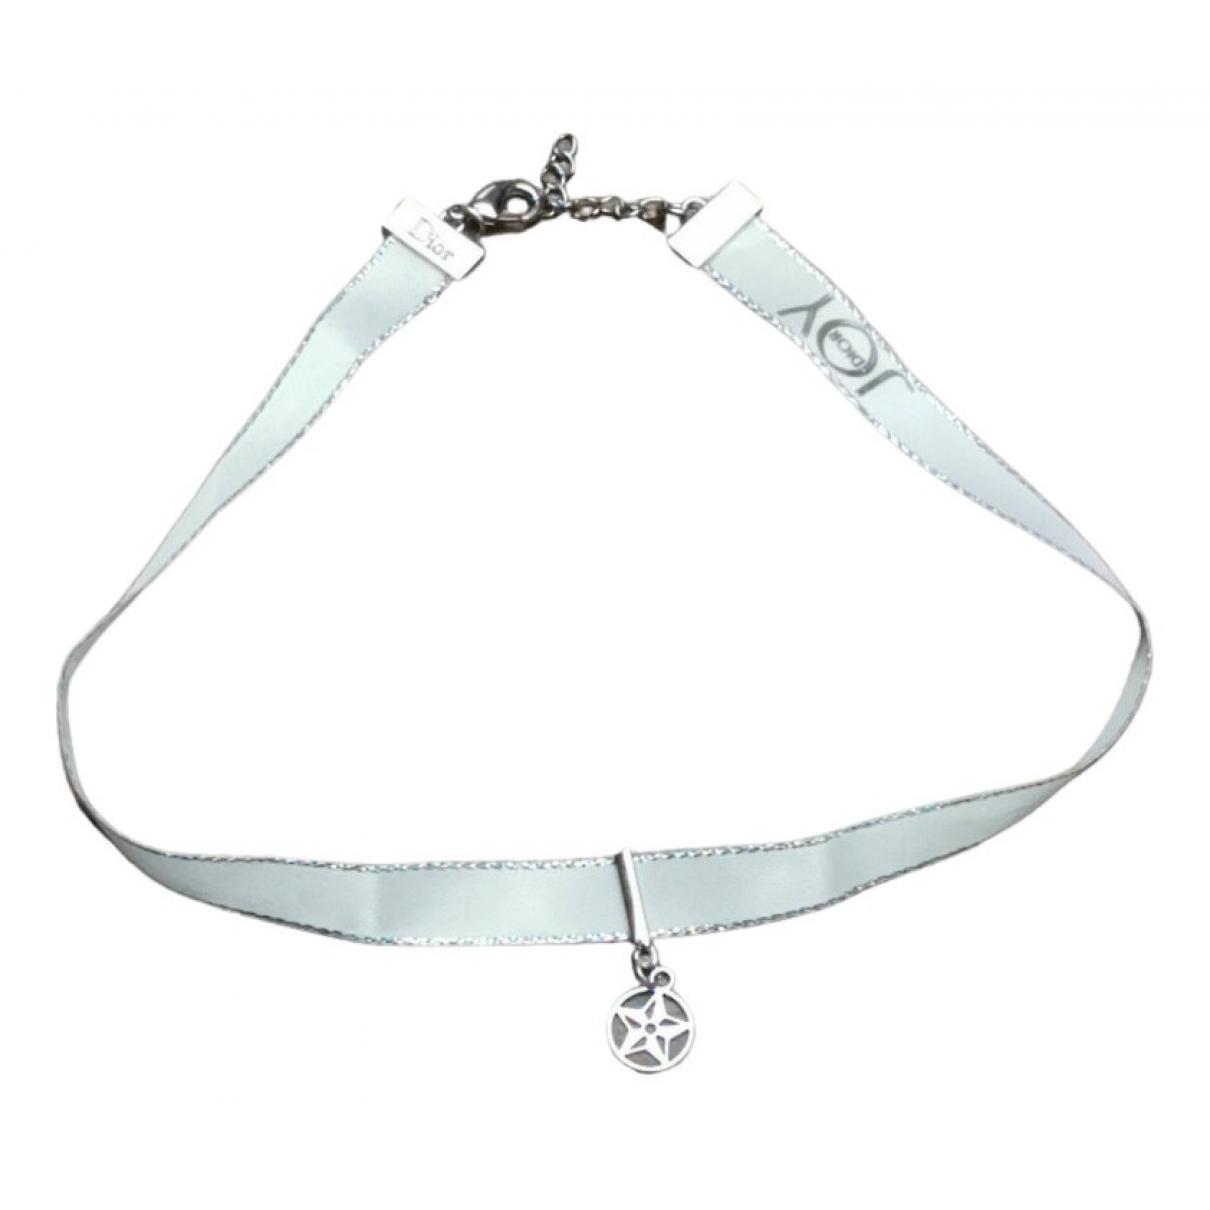 Collar de Lona Dior